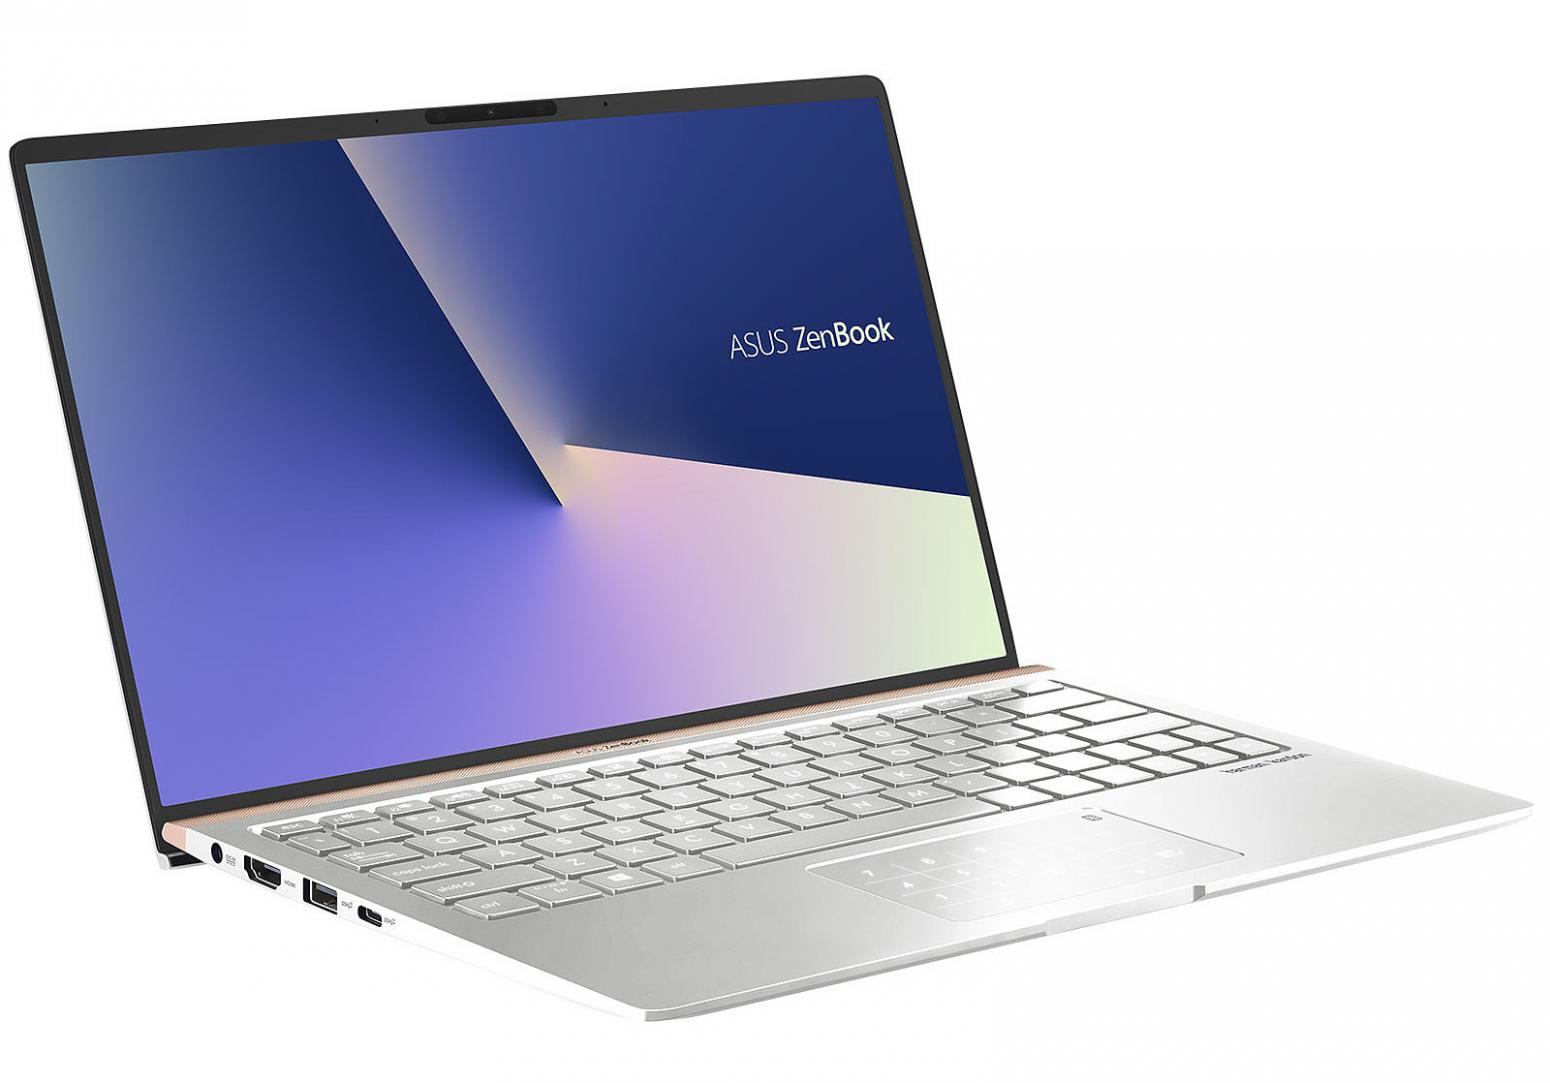 Image du PC portable Asus Zenbook 13 UX333FA-A3112R Argent - NumPad, Pro